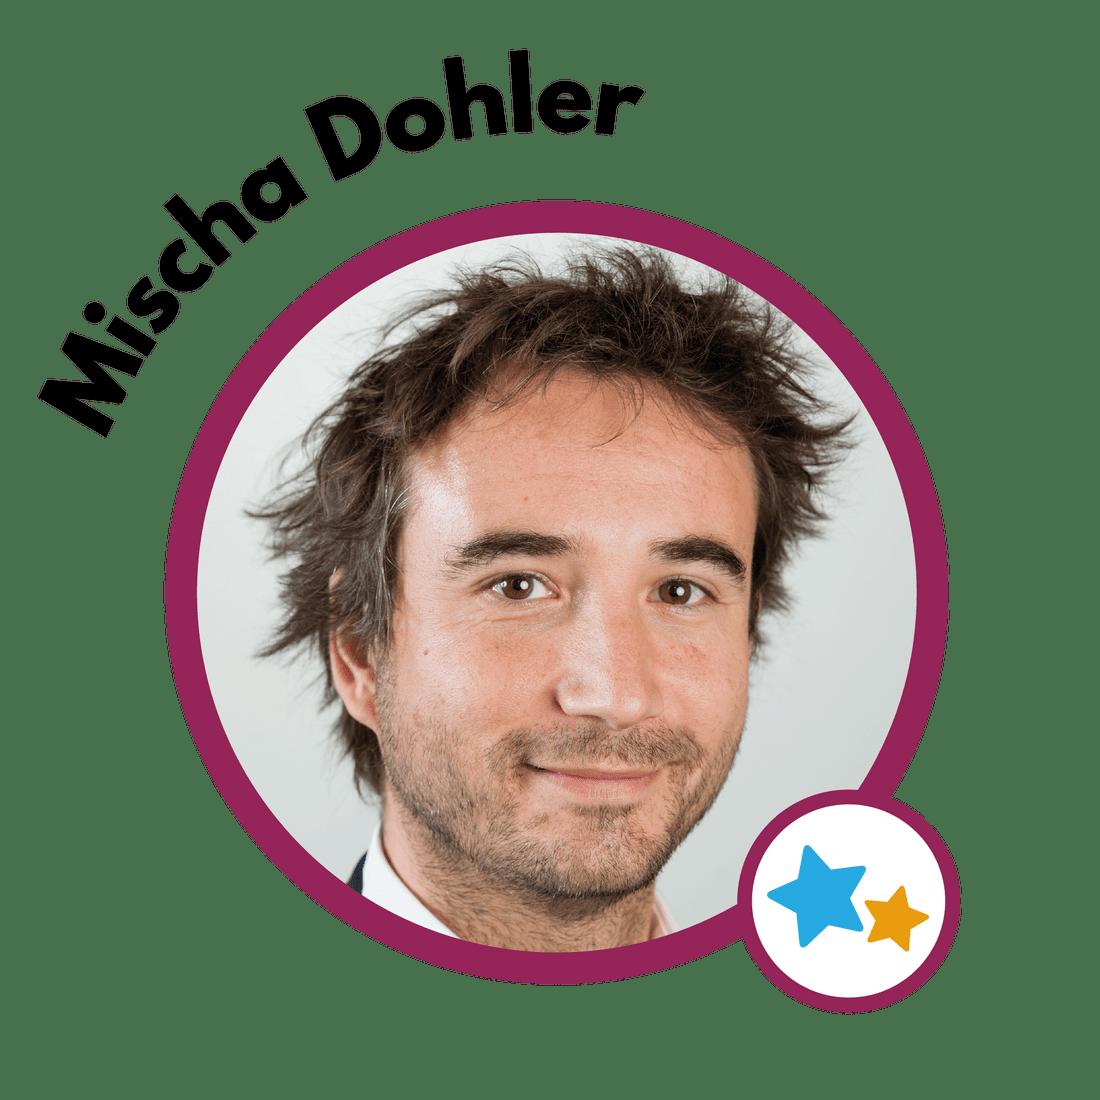 Mischa Dohler - Creativation Talks 2018